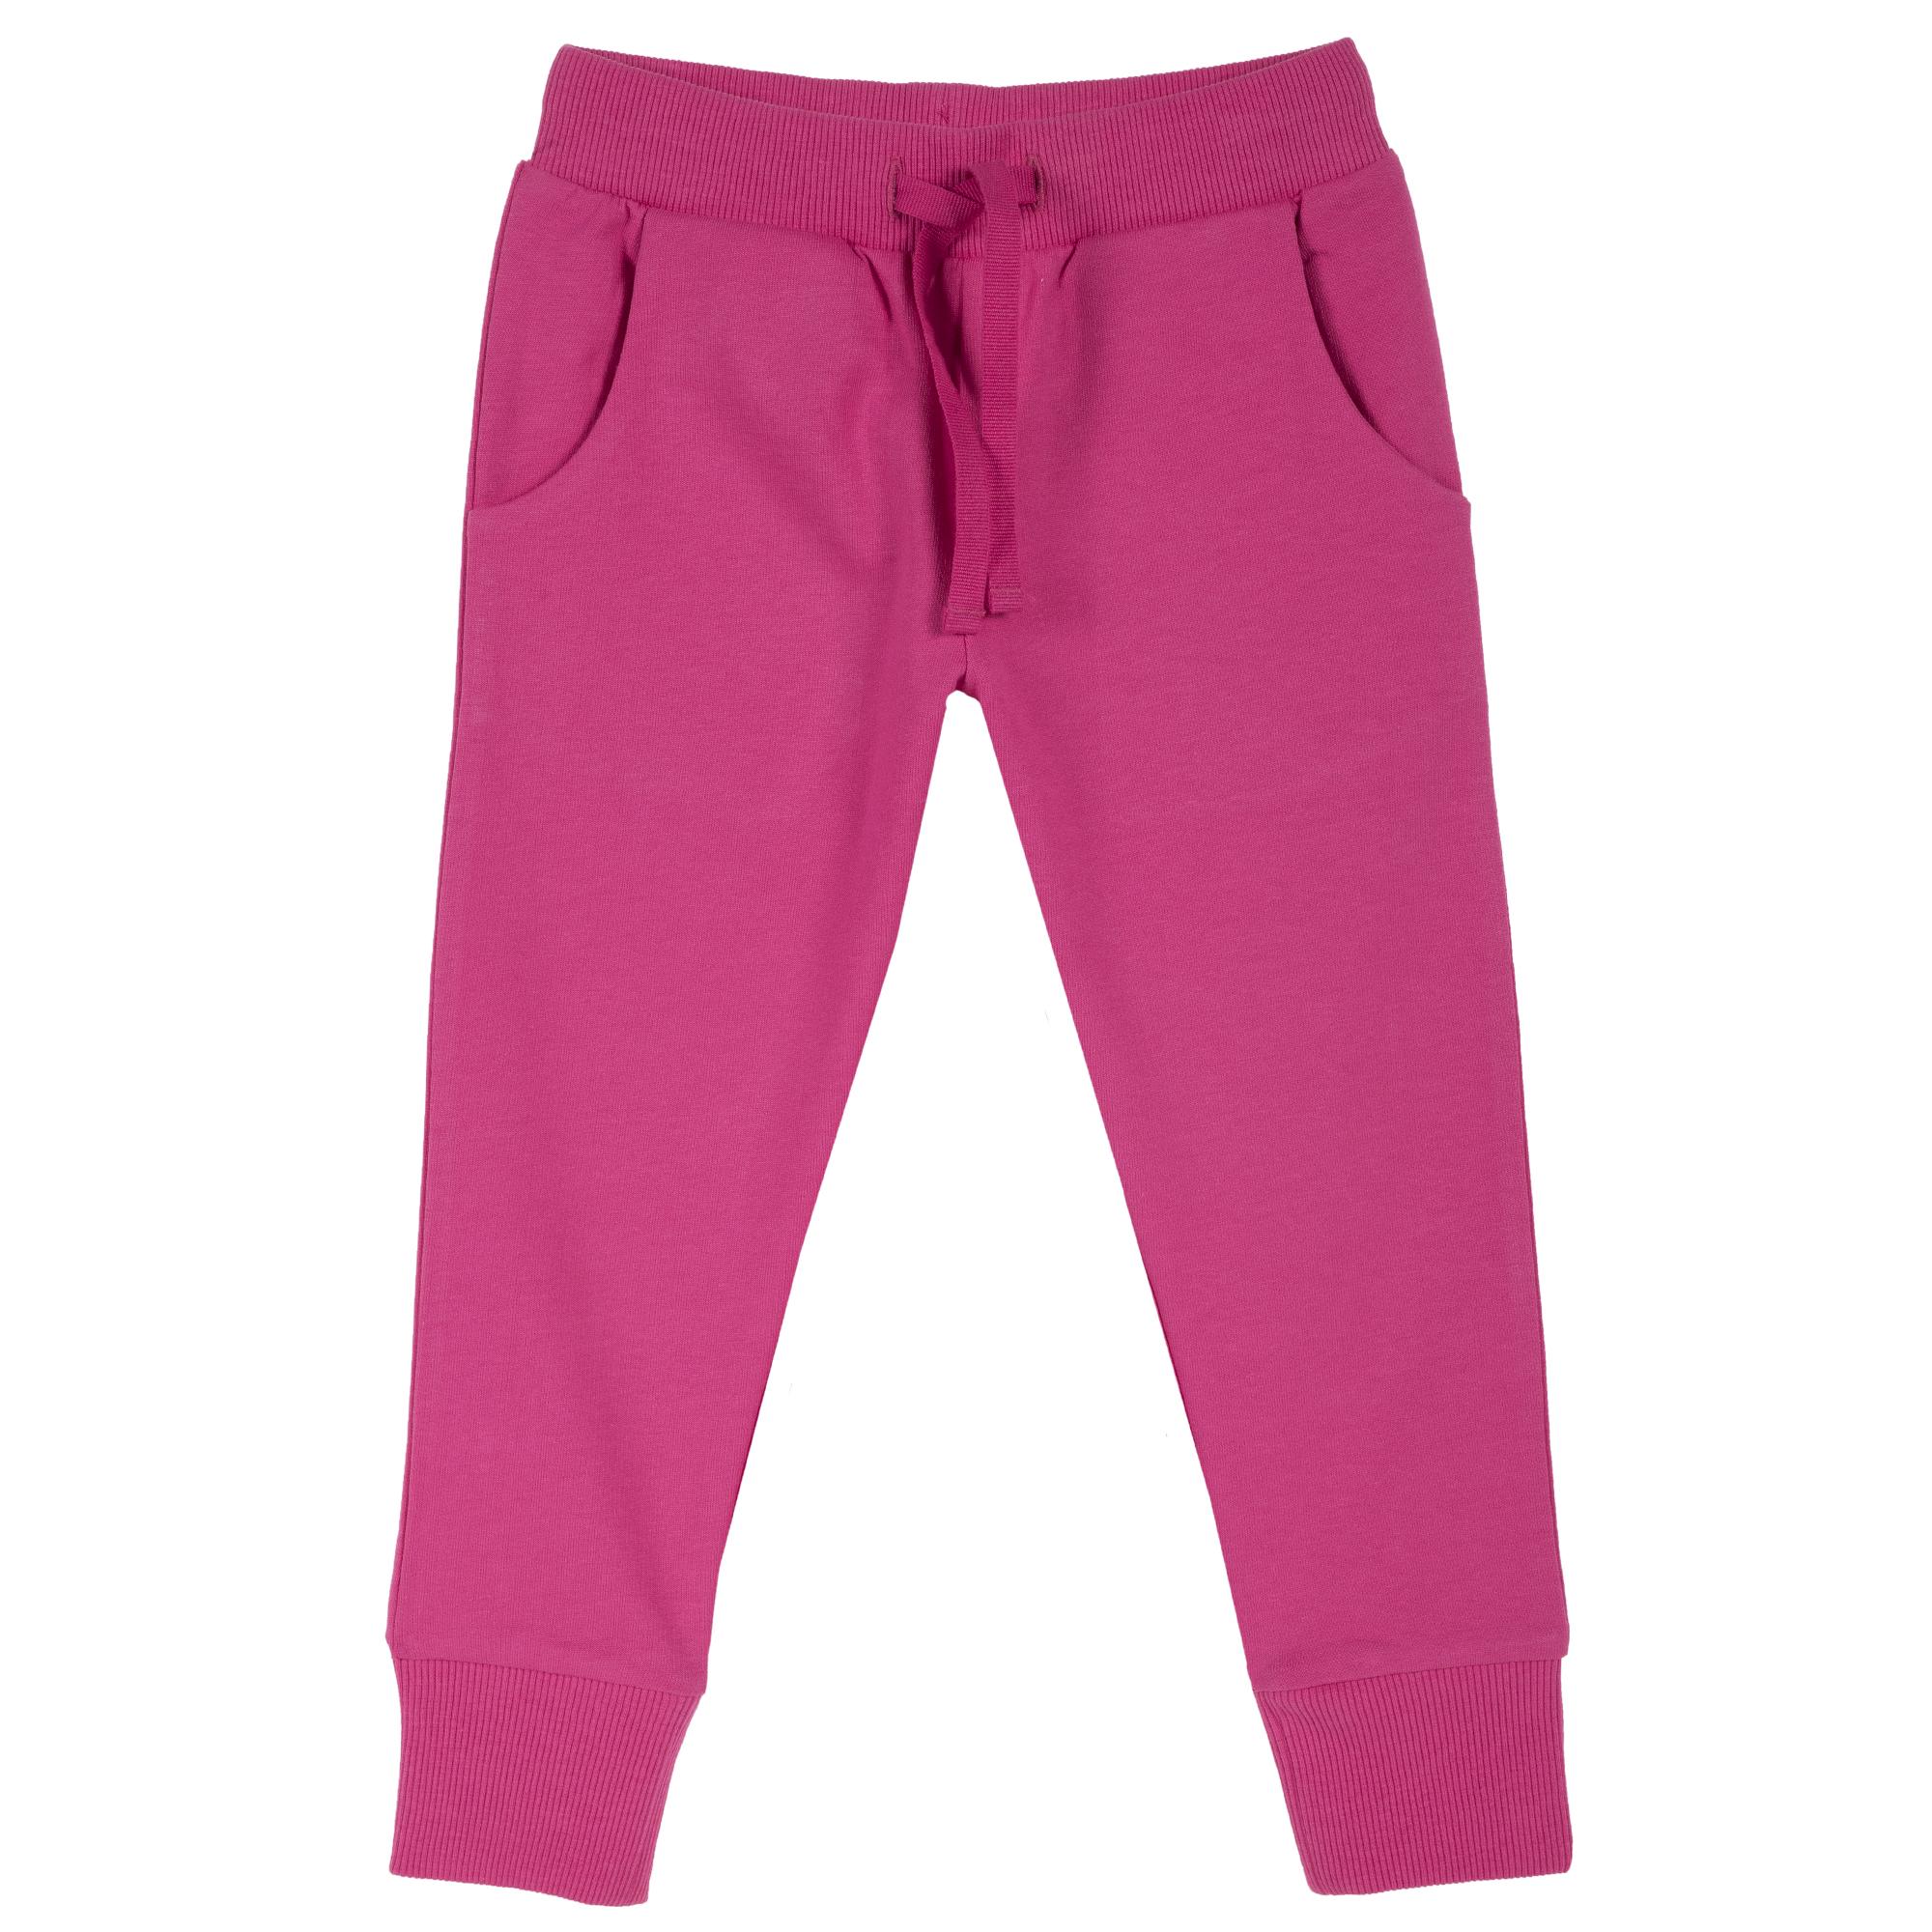 Imagine Pantalon Trening Copii Chicco, Manseta Elastica, Corai, 24932